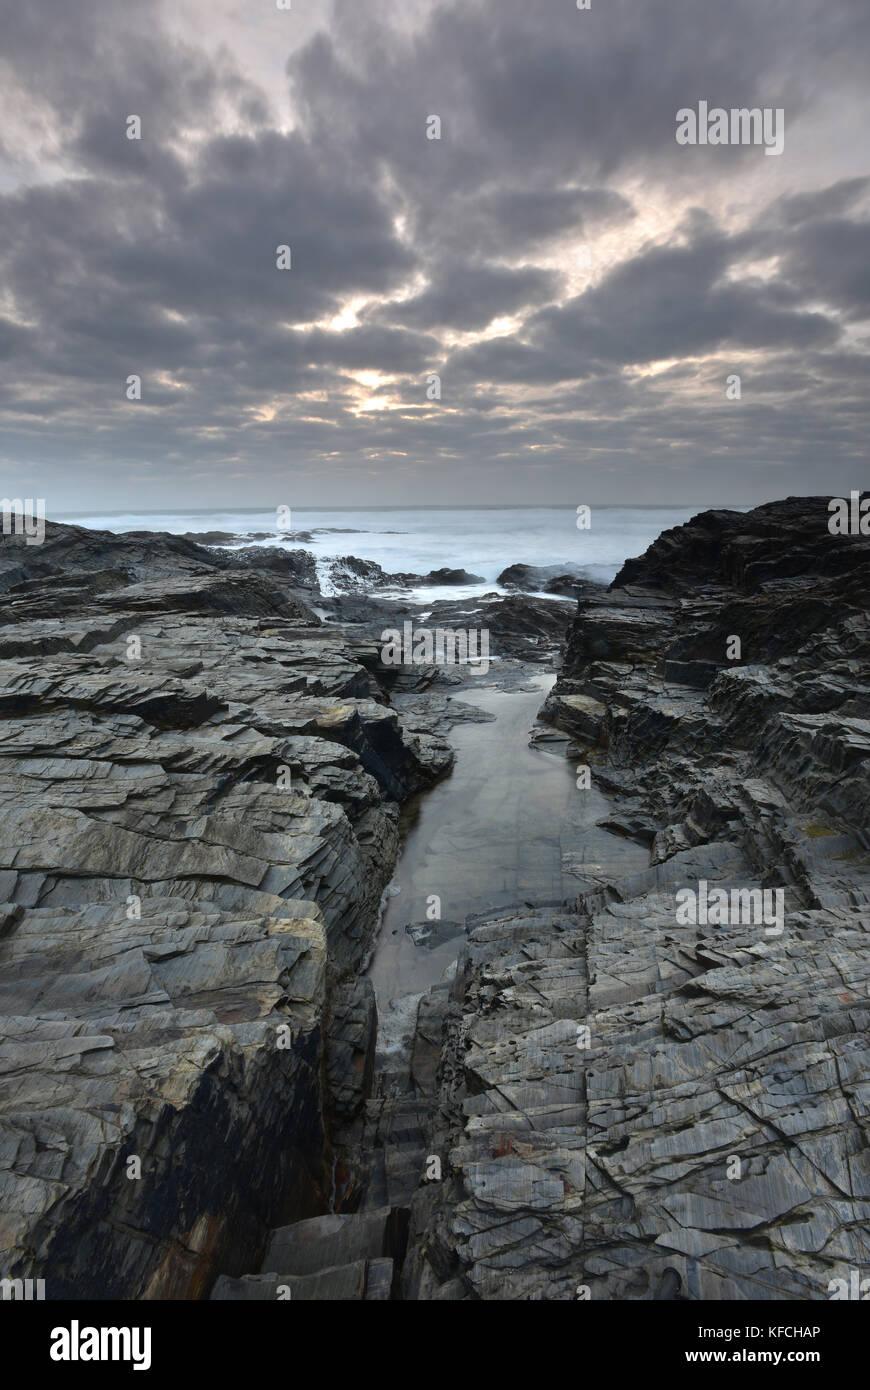 Le rocciose e frastagliate a pressione atmosferica Cornish Coast su una burrascosa serata al Tramonto in Cornovaglia. Immagini Stock